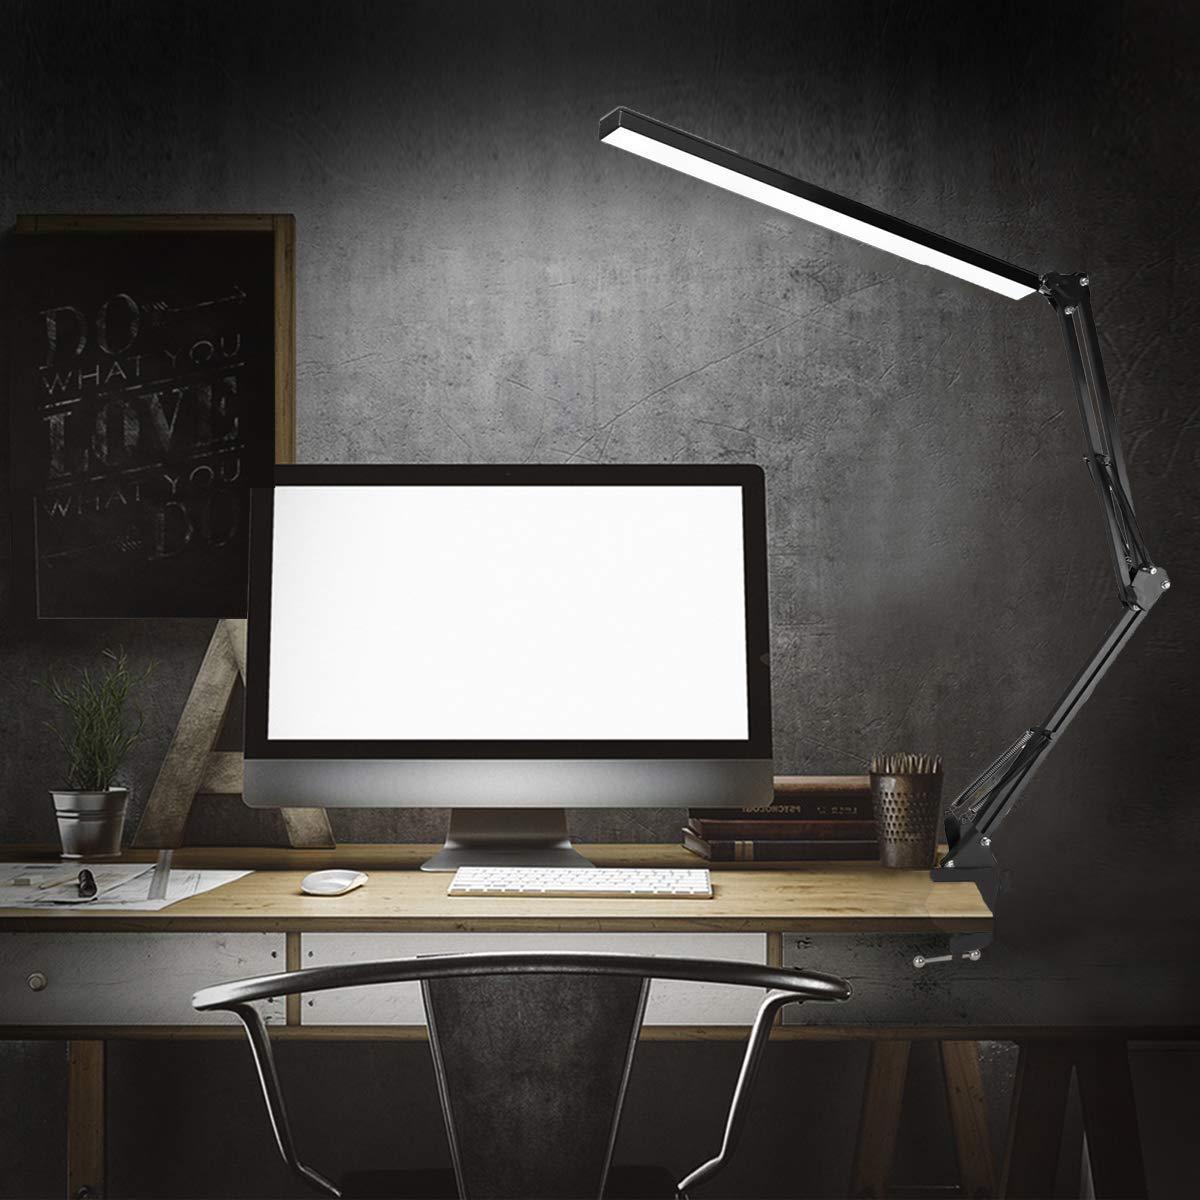 L/ámpara de Armario Recargable Port/átil Recargable Modos para Armario F/ácil de Instalar Luz Nocturna S/úper Brillante Luz del armario USB